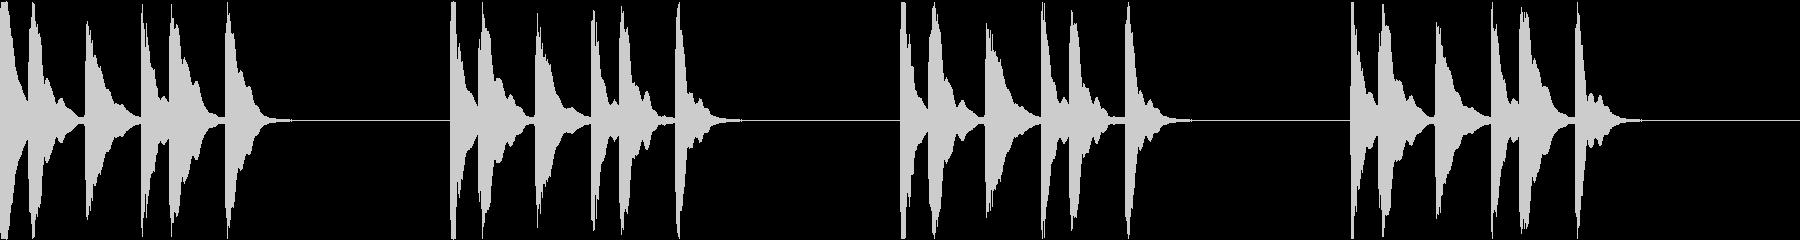 シンプル ベル 着信音 チャイム C20の未再生の波形